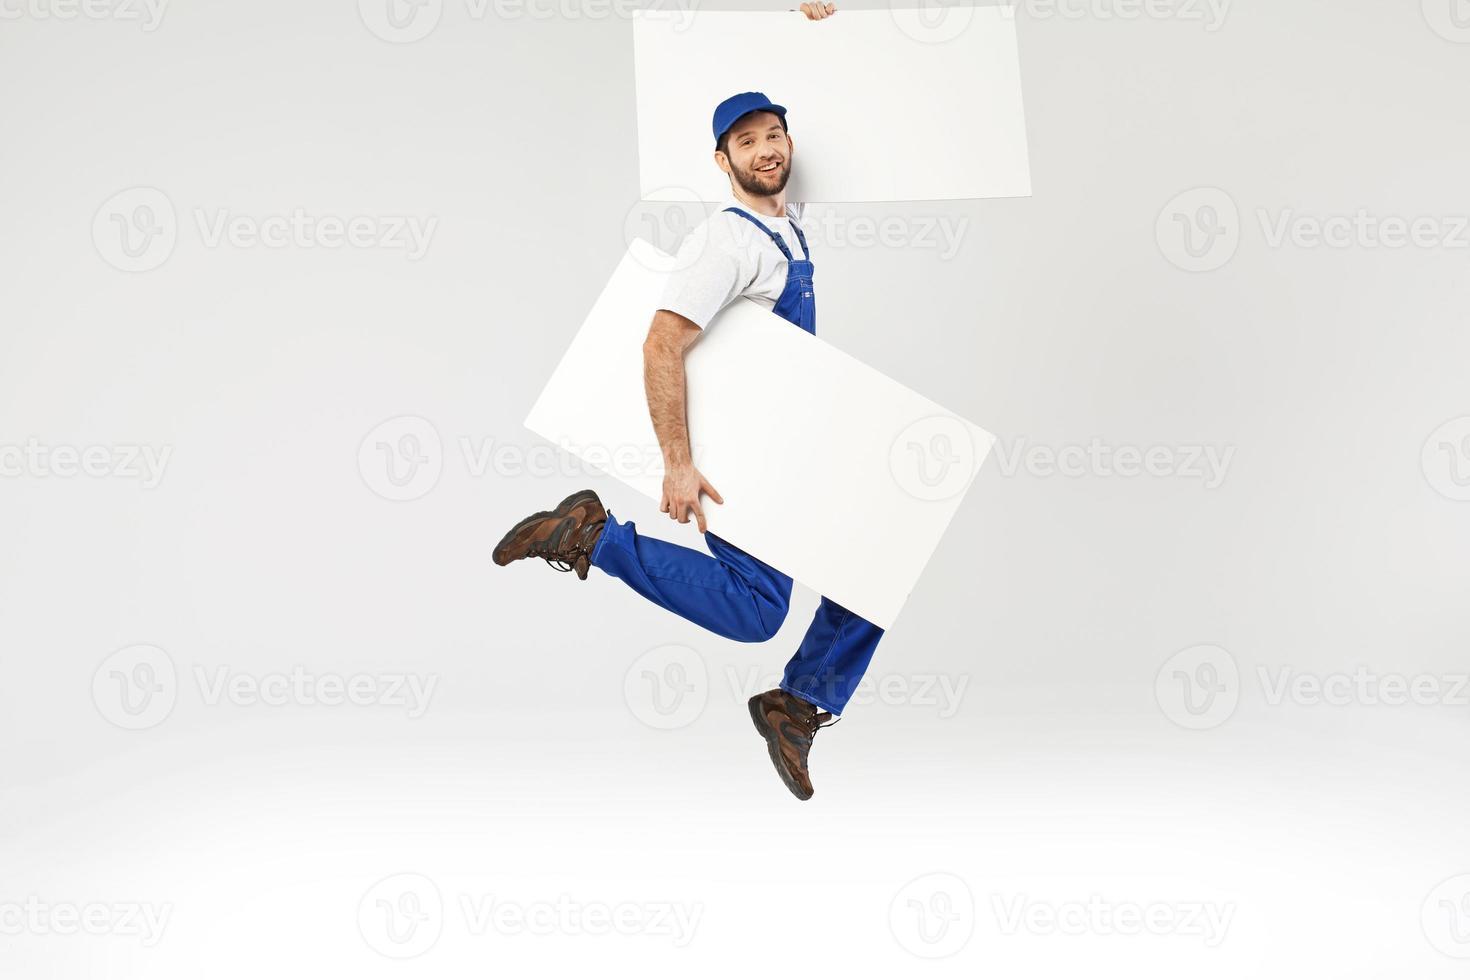 portret van een springende bouwer foto